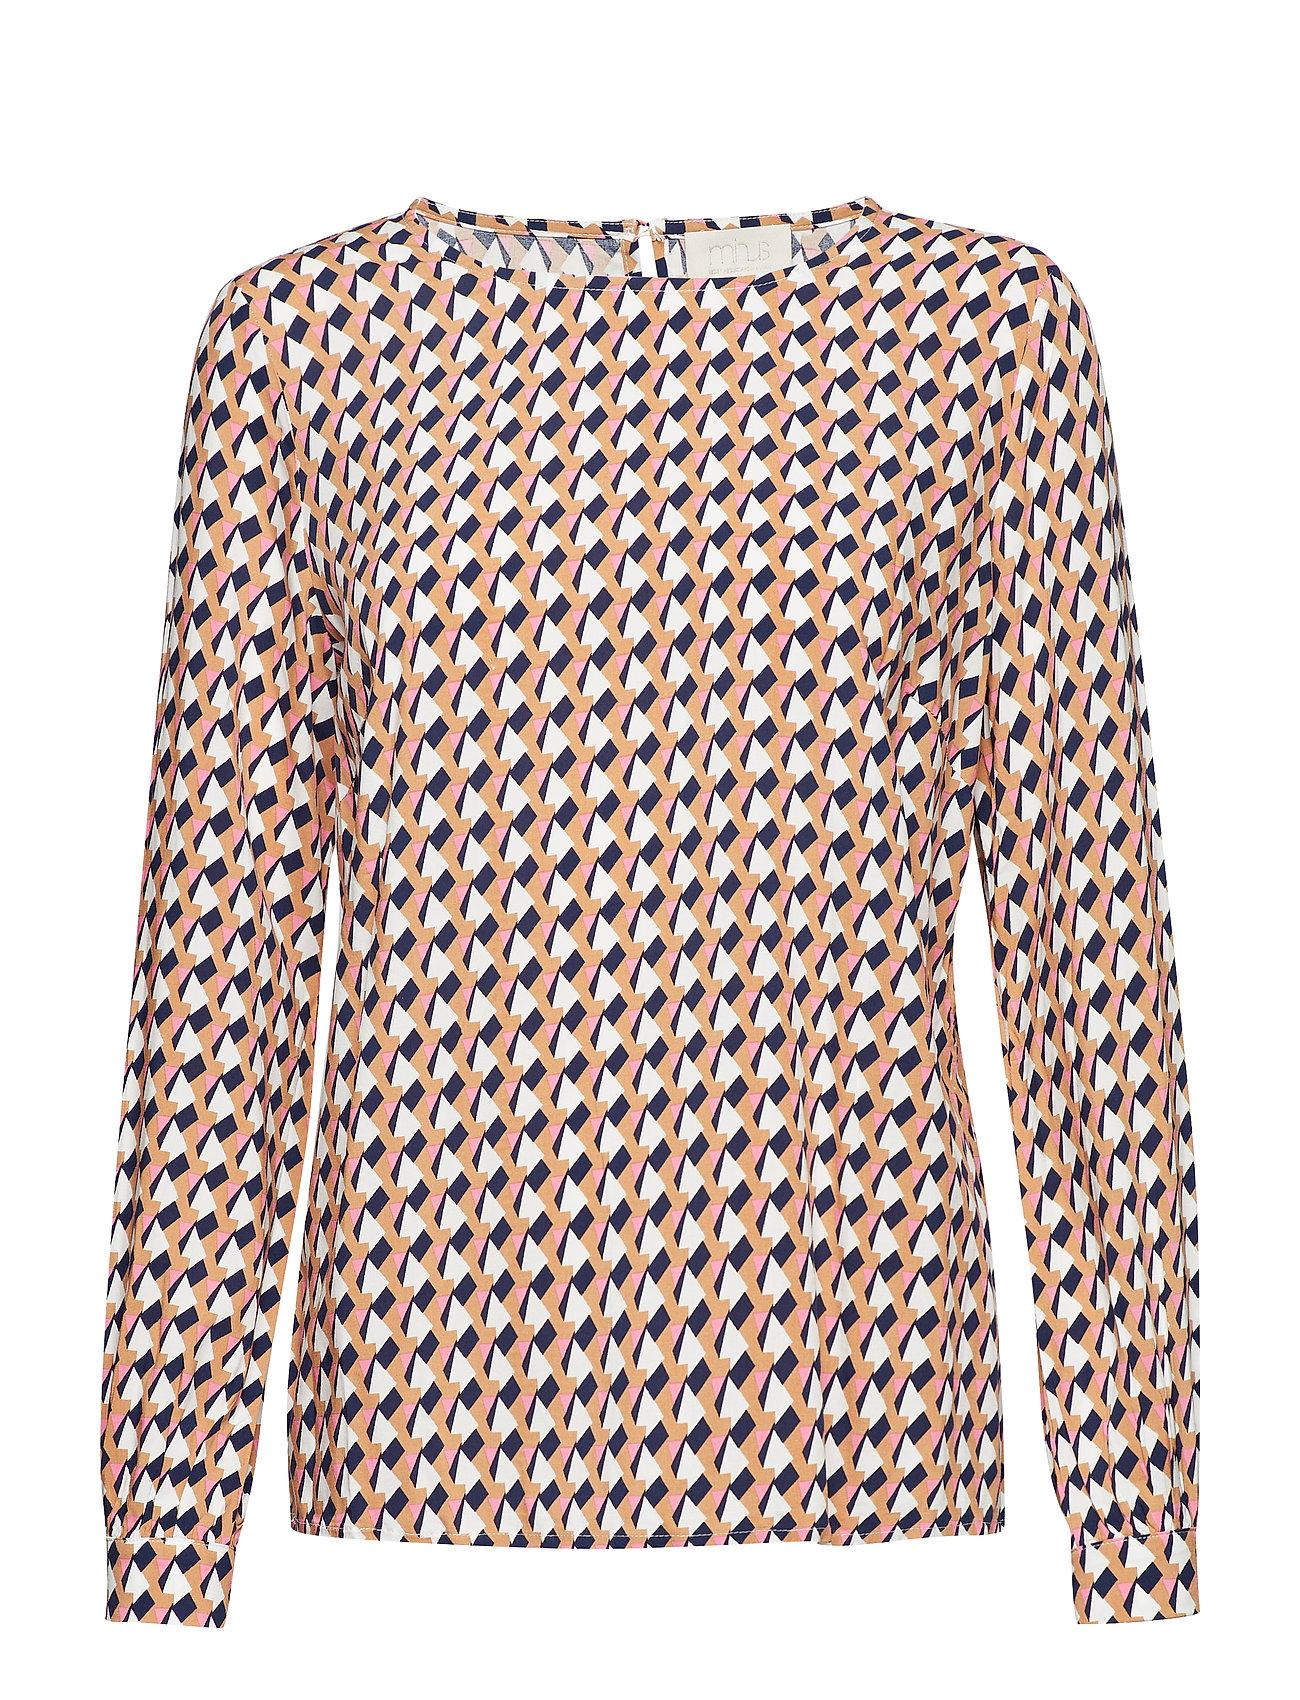 Minus Noelle blouse - PEAK PRINT ALMOND